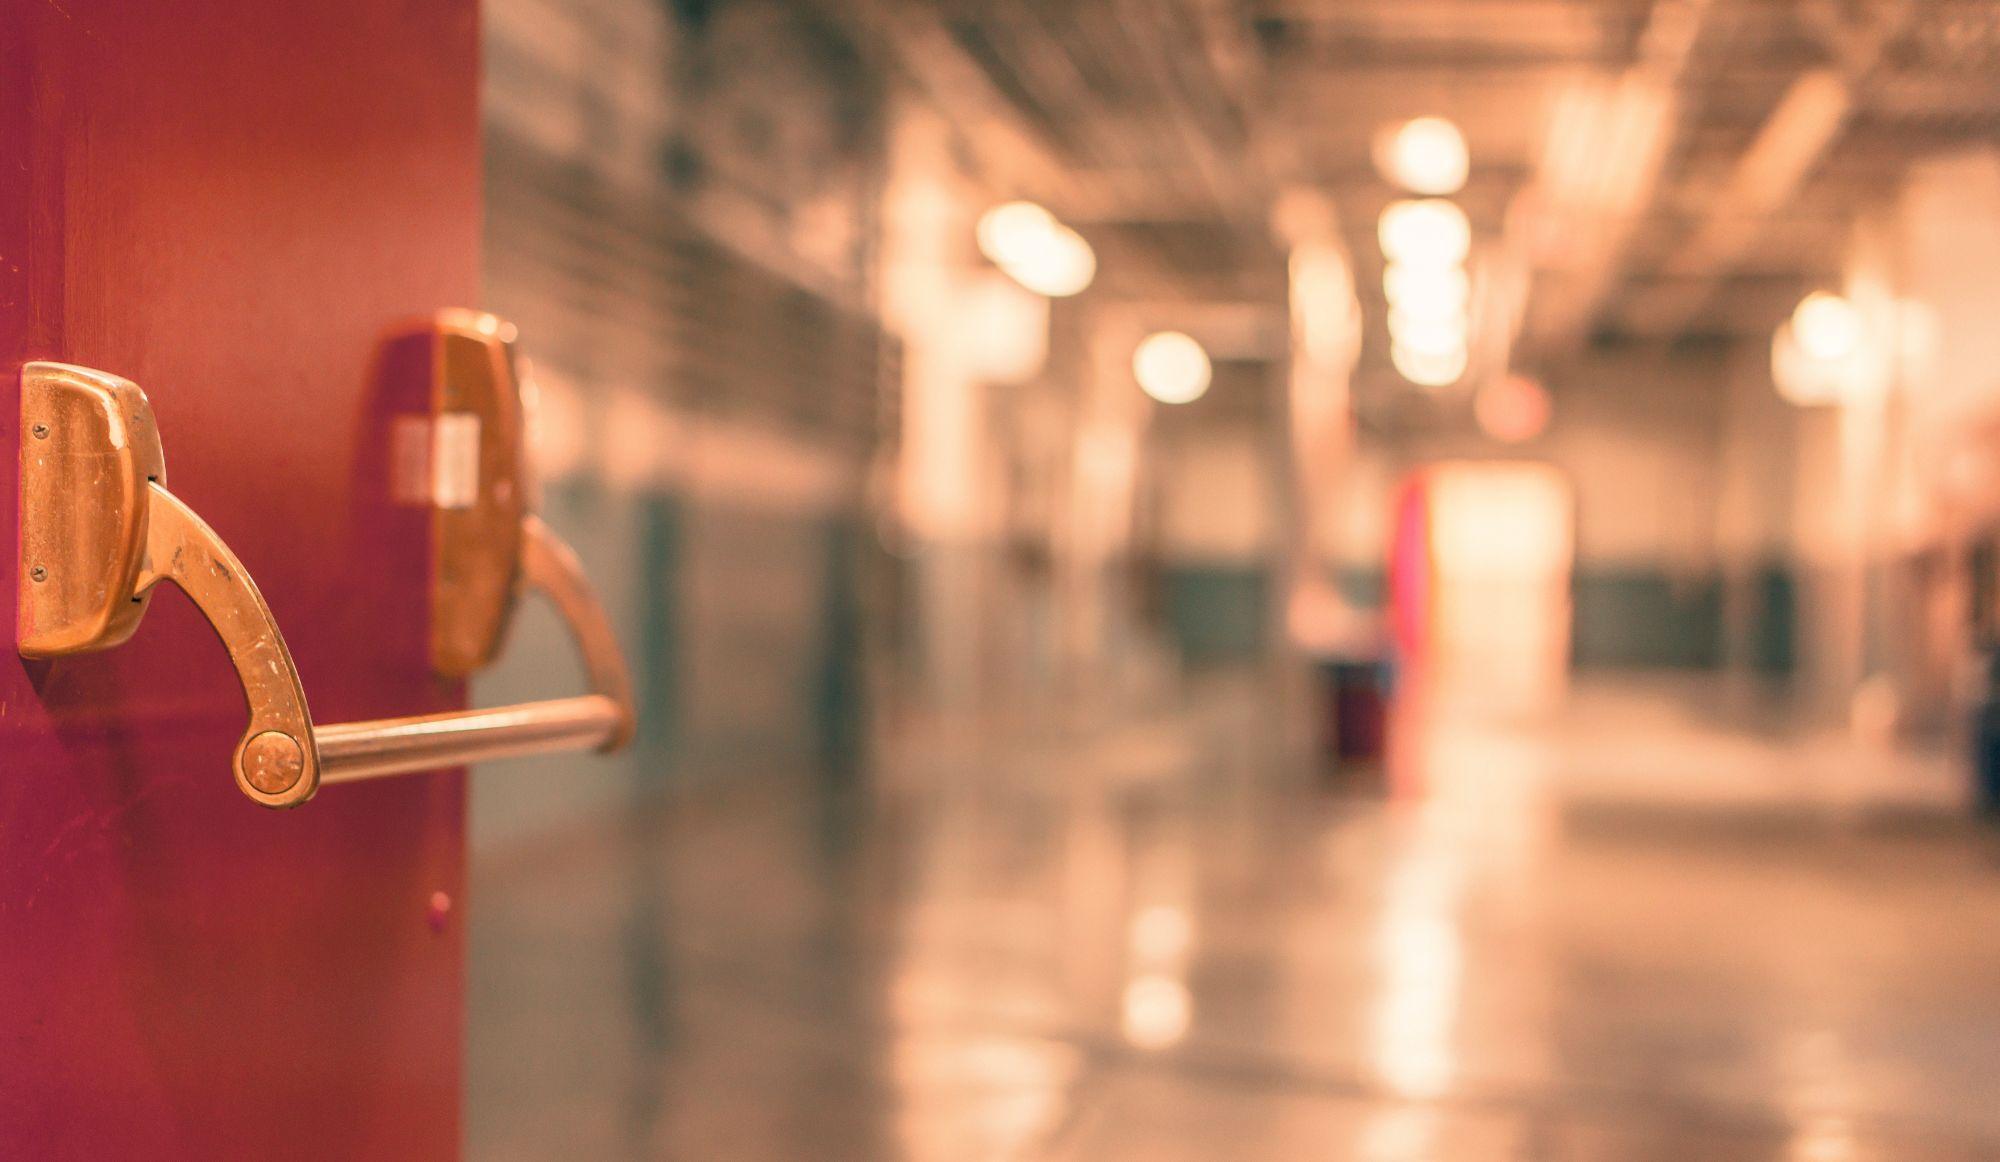 Pacte de suicide entre élèves du secondaire: une mauvaise blague